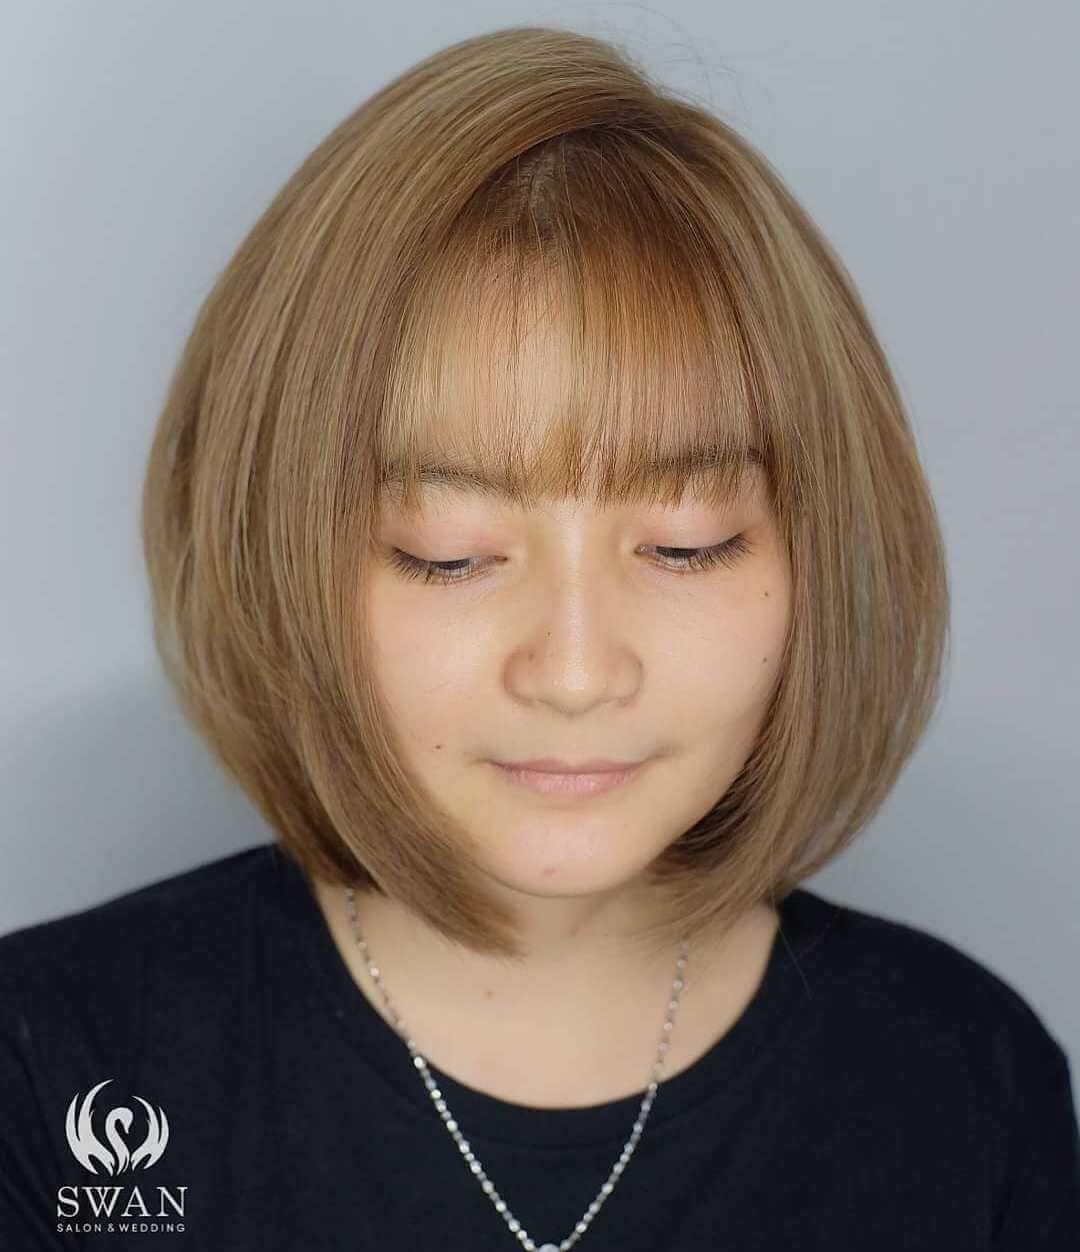 Korean Bangs Hairstyle For Round Face Hairstyles For Round Faces Classy Hairstyles Hairstyles With Bangs